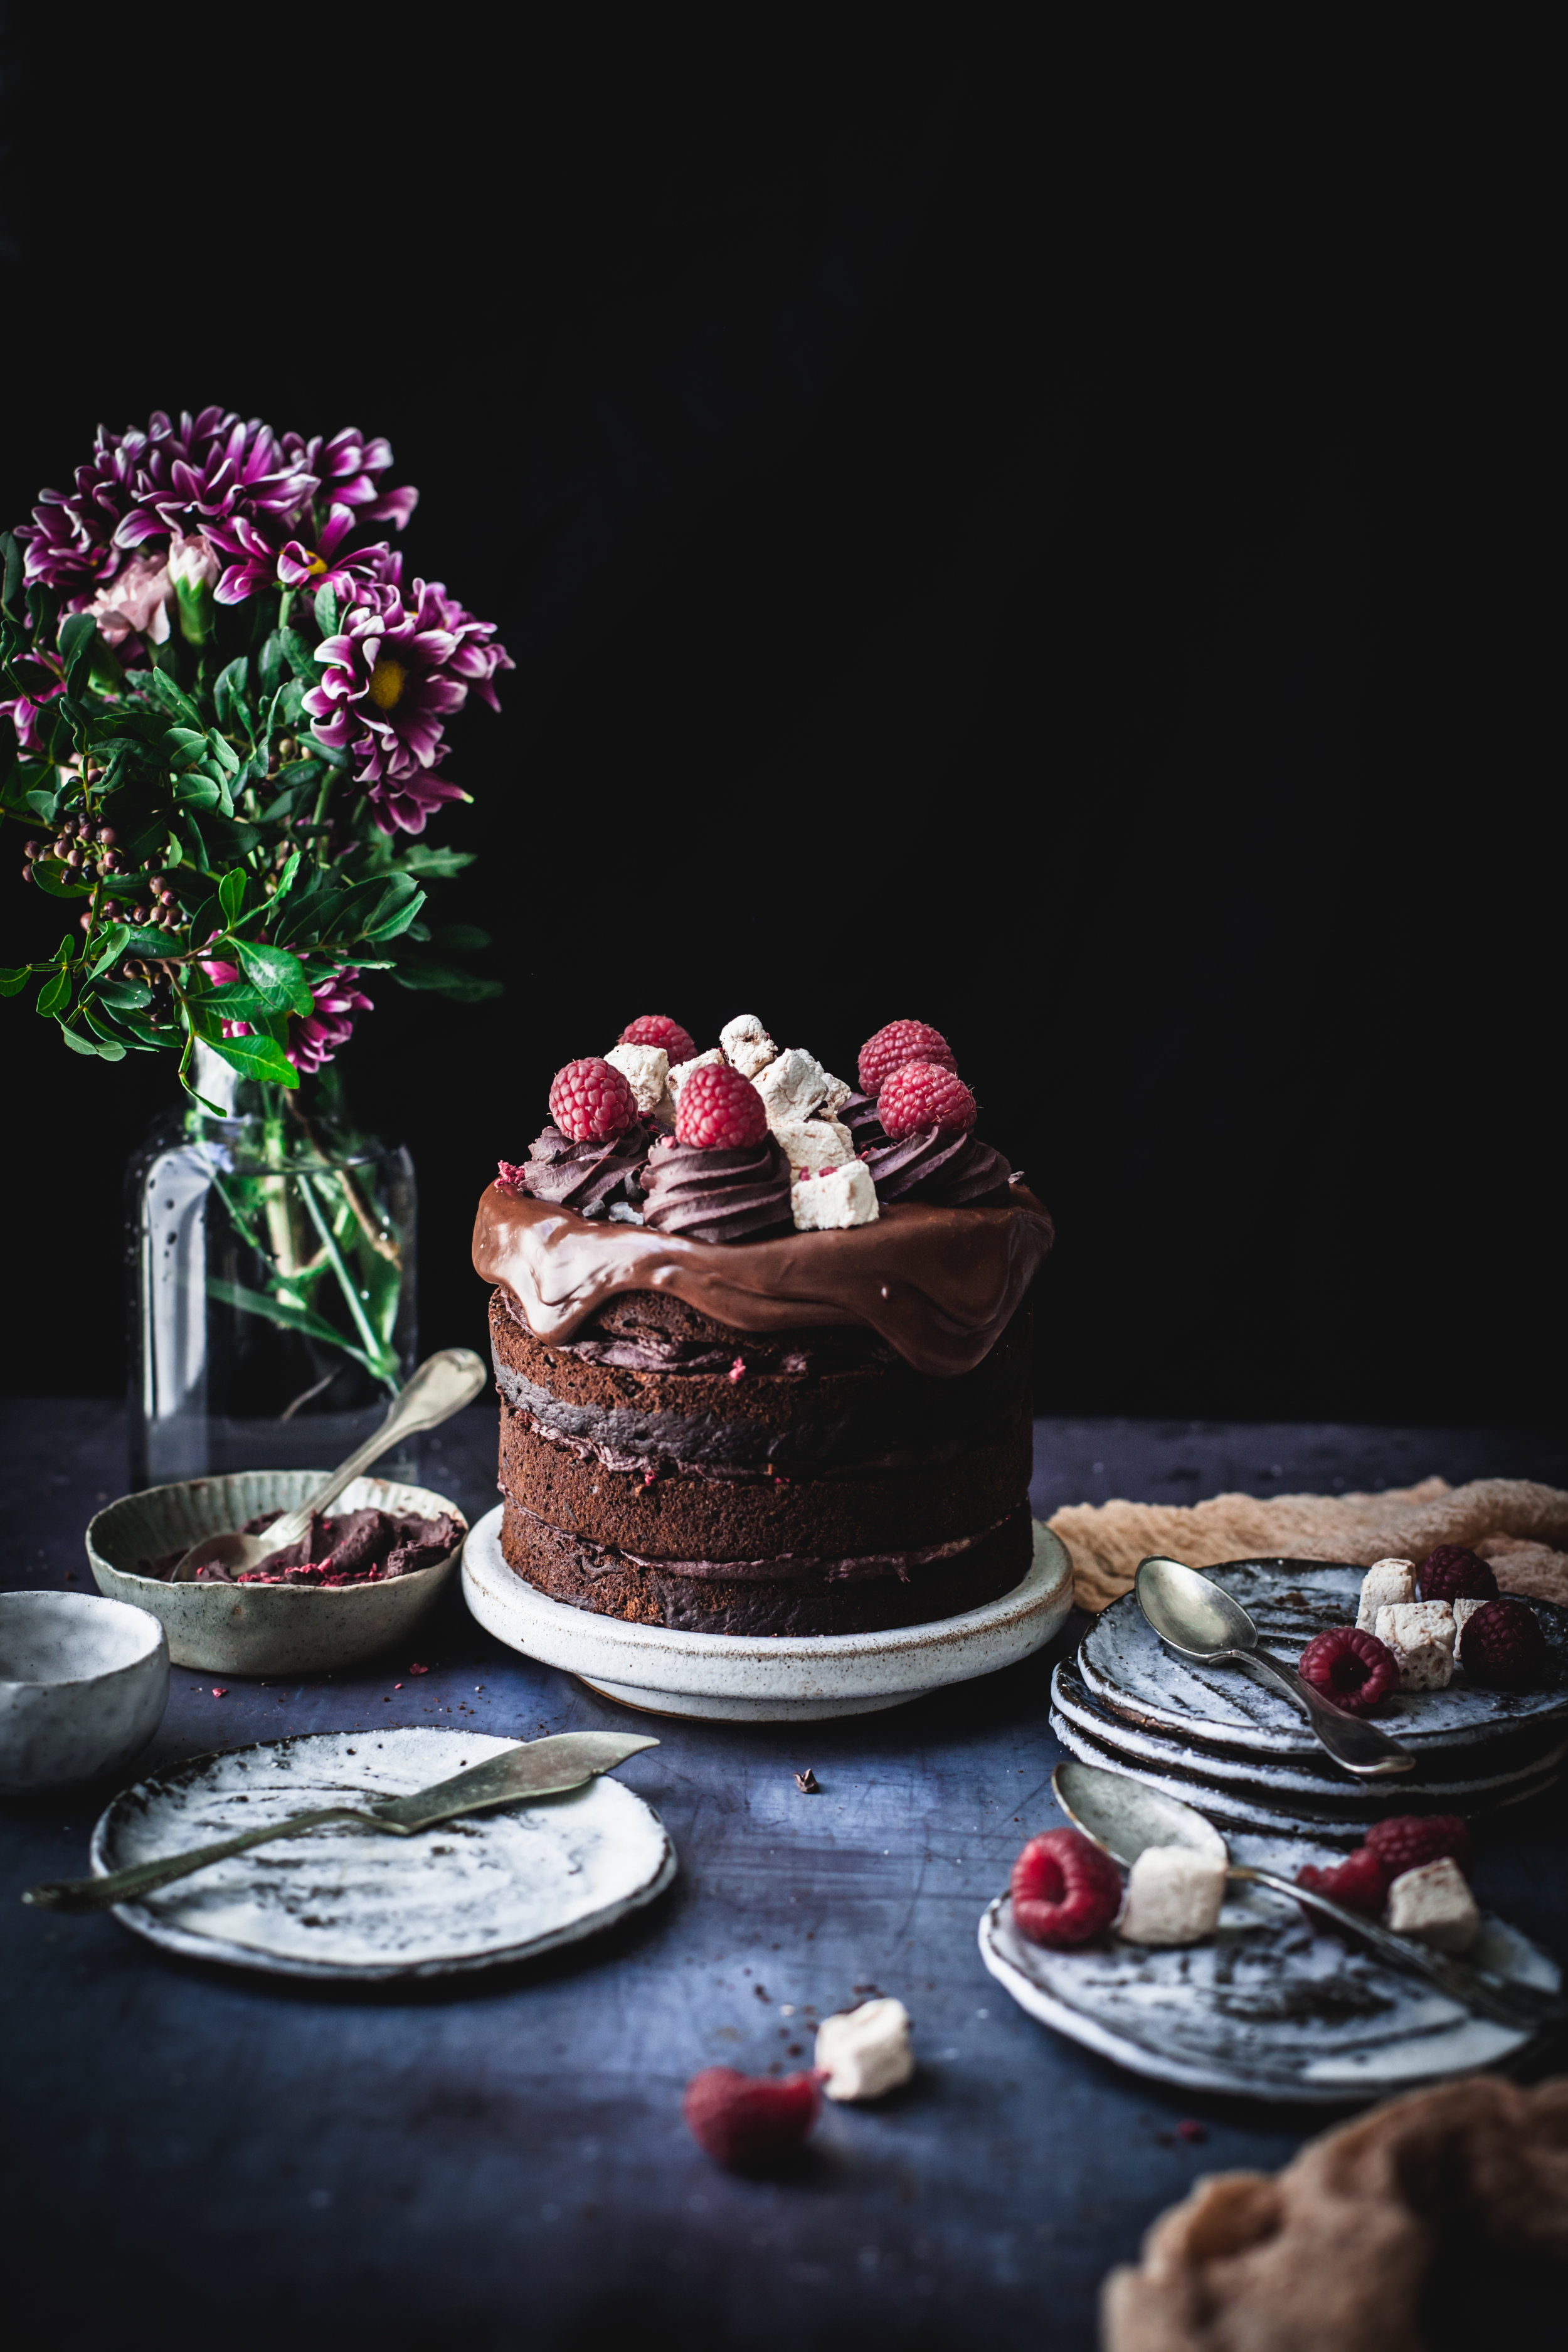 raspberries chocolate cake with marshmellow dripping #vegan #nutfree